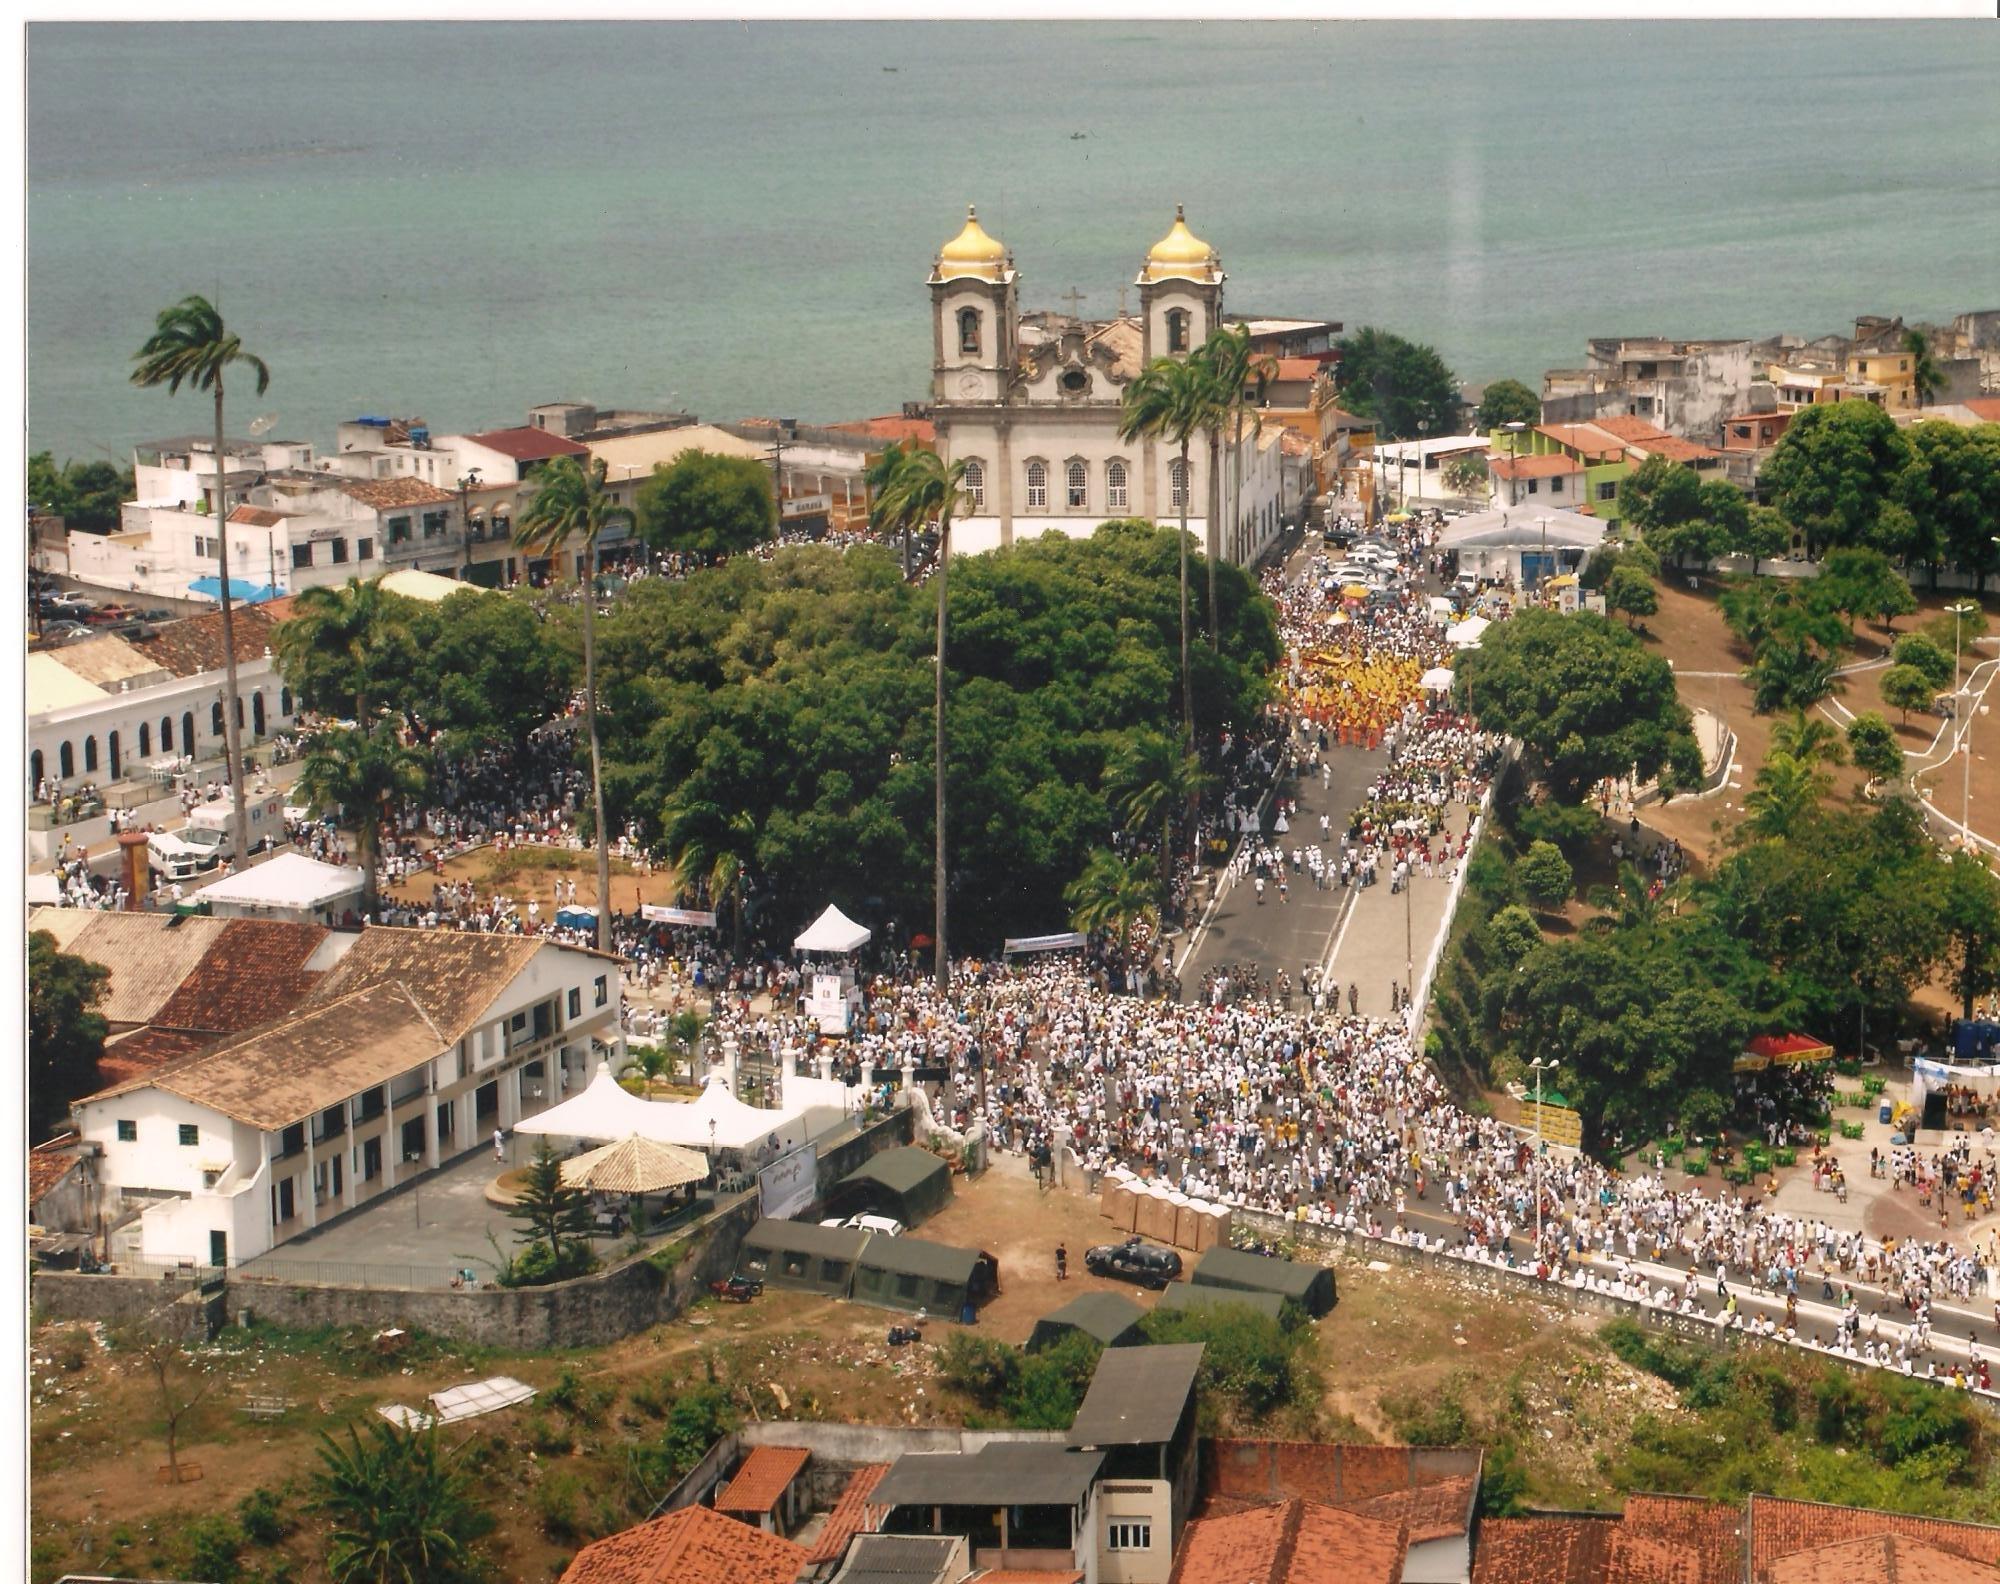 Paróquias da Cidade Baixa promovem Caminhada pela Paz neste domingo (18)